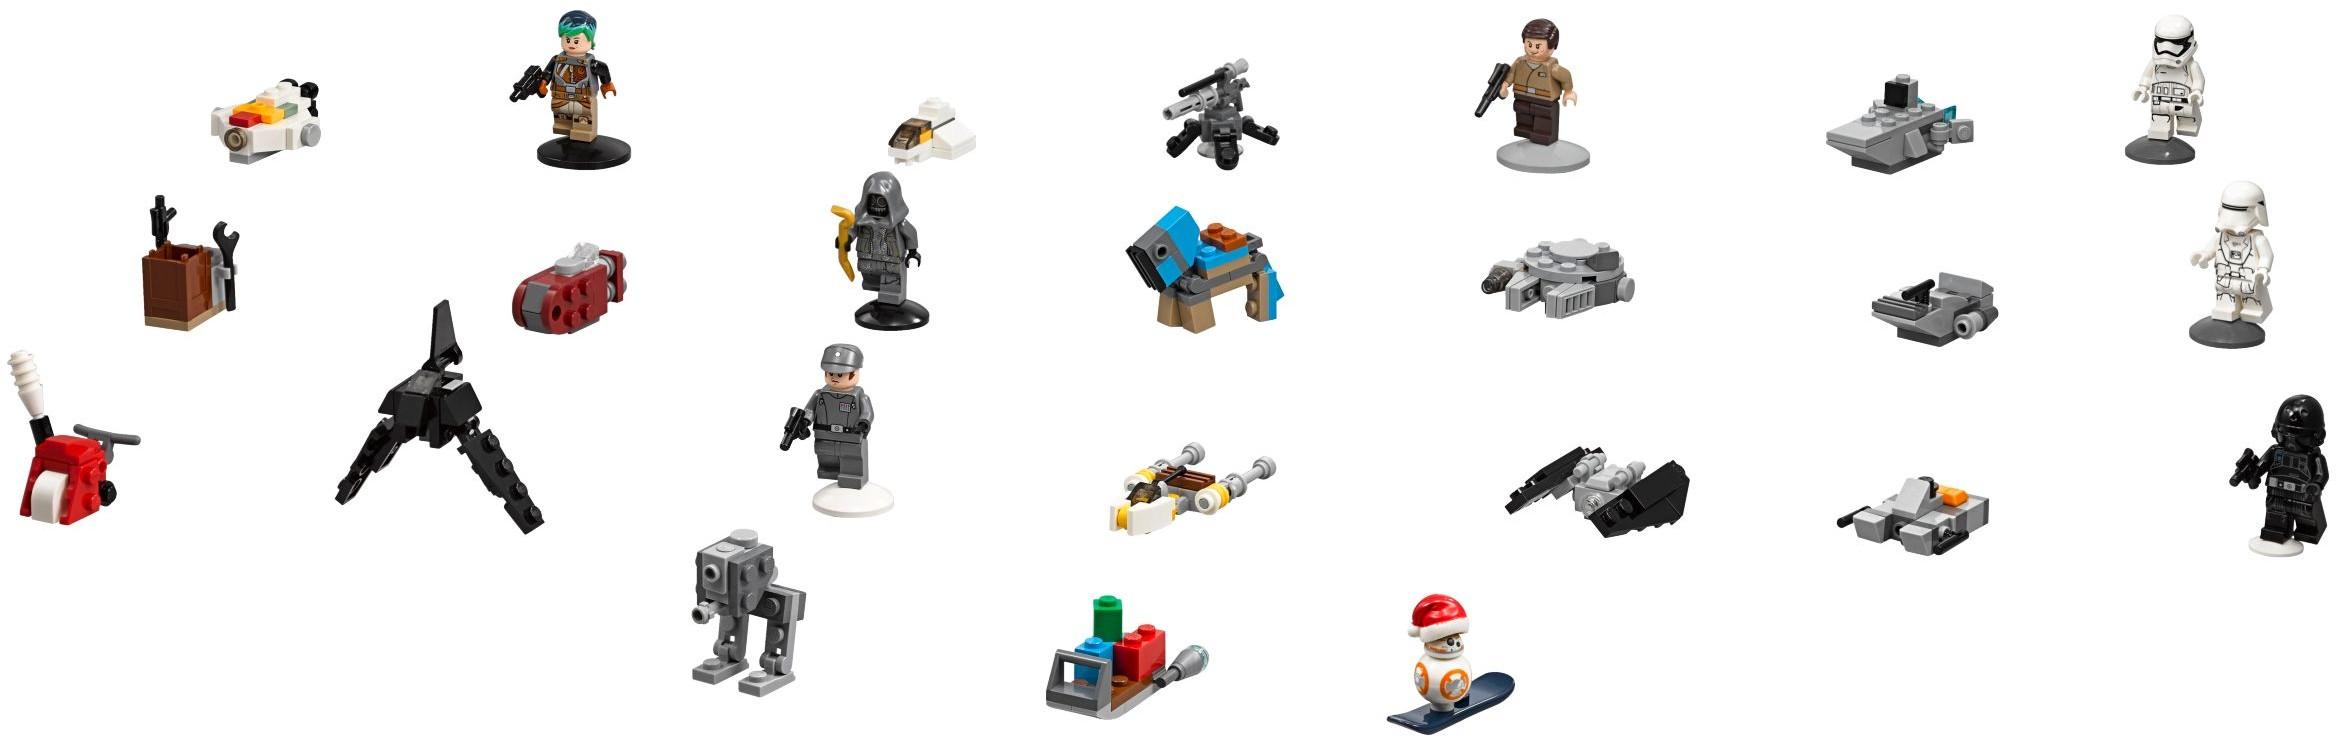 https://images.brickset.com/sets/large/75184-1.jpg?201708021046